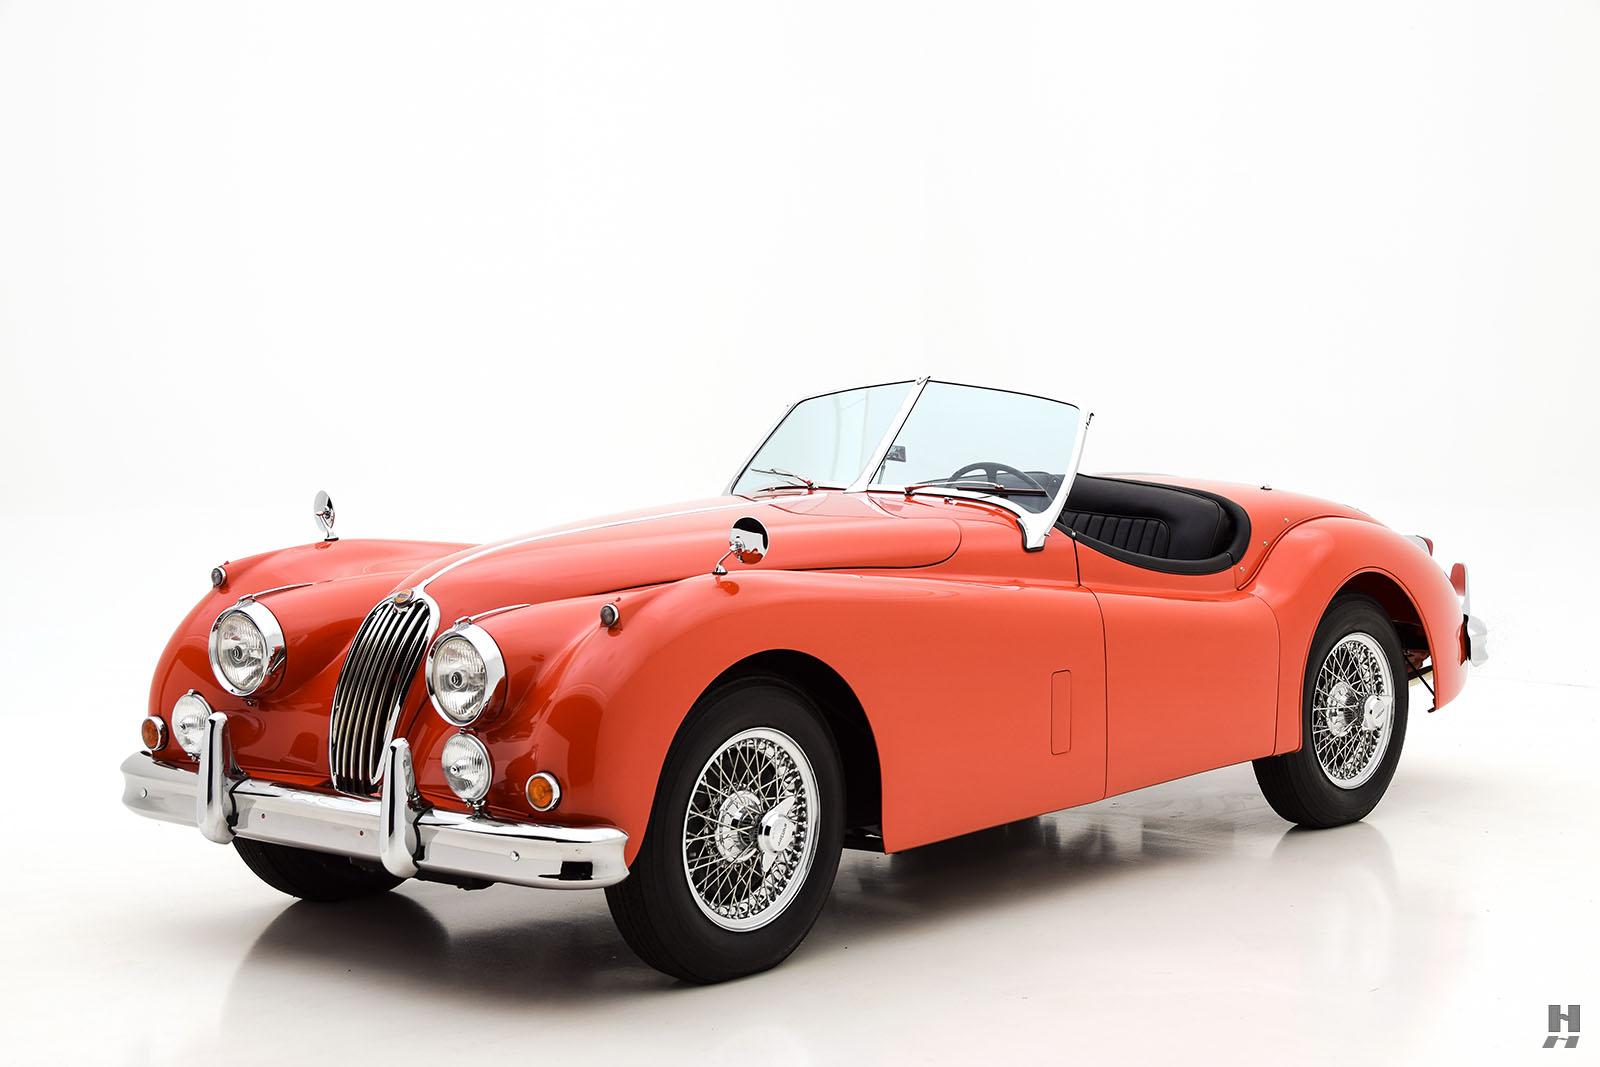 Cars to Watch: Bonhams Scottsdale | Premier Financial Services  |1955 Jaguar Roadster